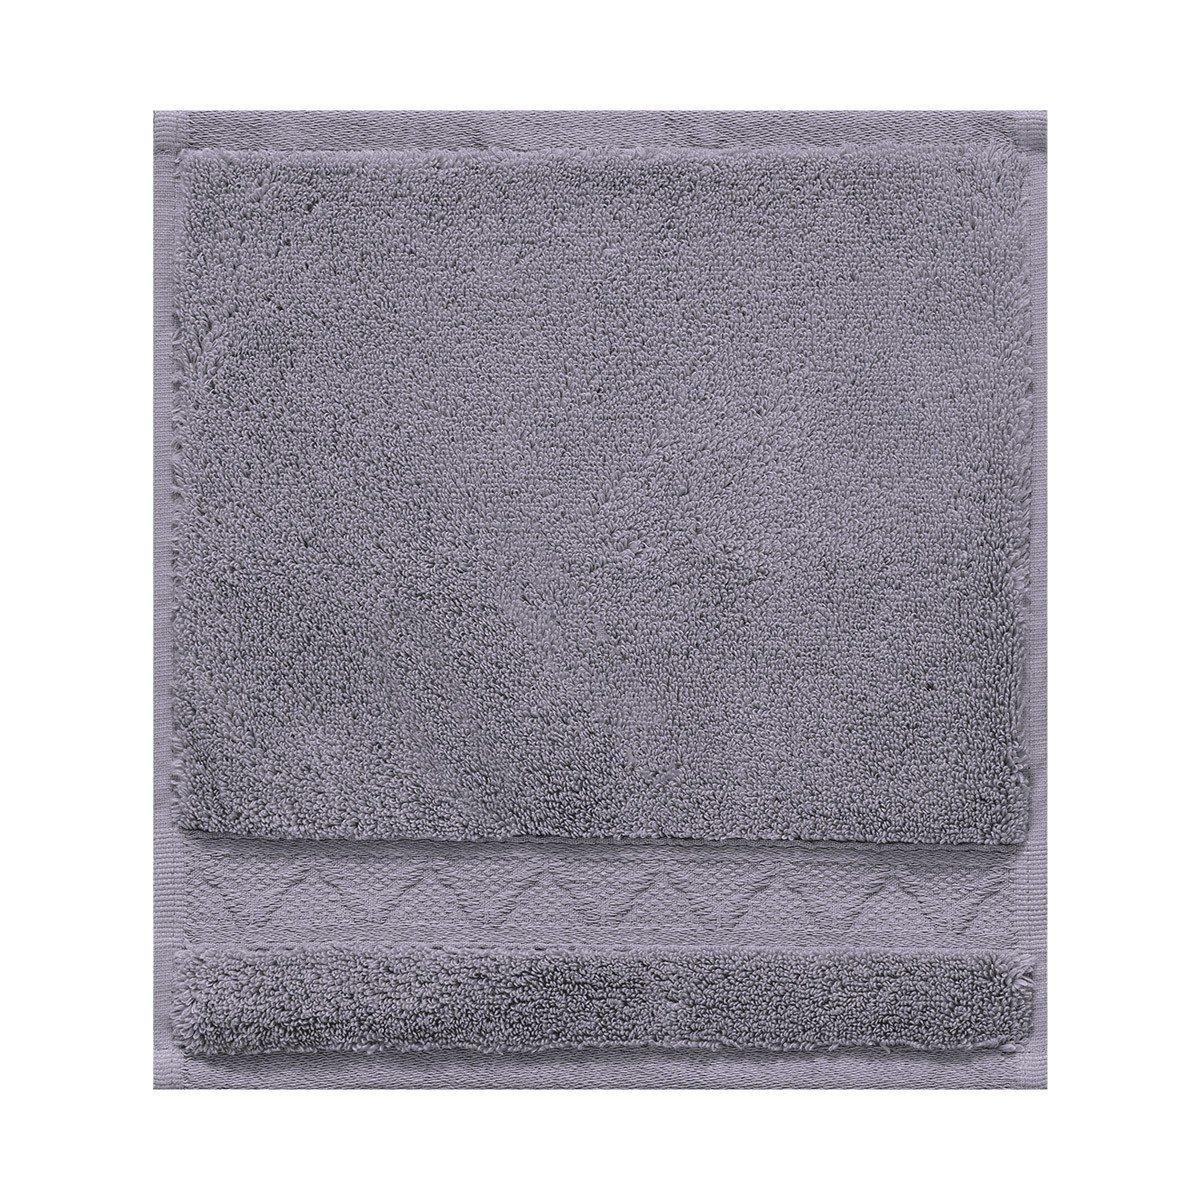 Le Jacquard Francais 22840 toalla de baño mosaico algodón velo grisáceo 50 x 30 cm: Amazon.es: Hogar